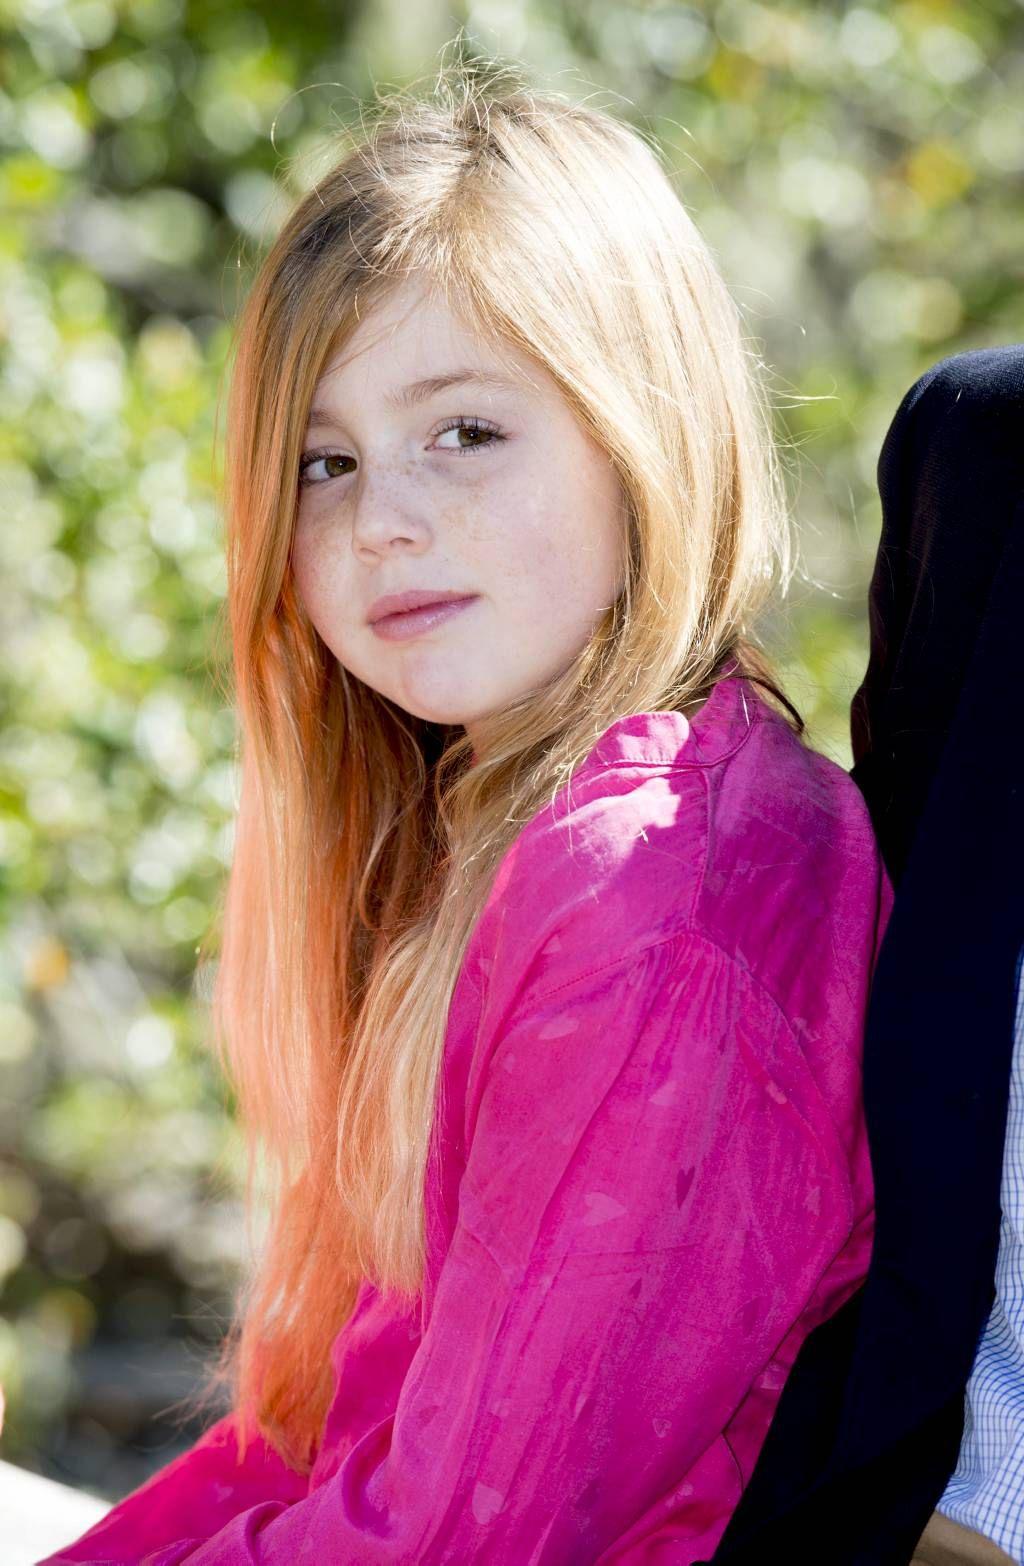 Prinses Alexia viert tiende verjaardag (fotoserie) - Prinses Alexia is vrijdag jarig. De tweede dochter van de koning en koningin wordt tien jaar. beeld ANP